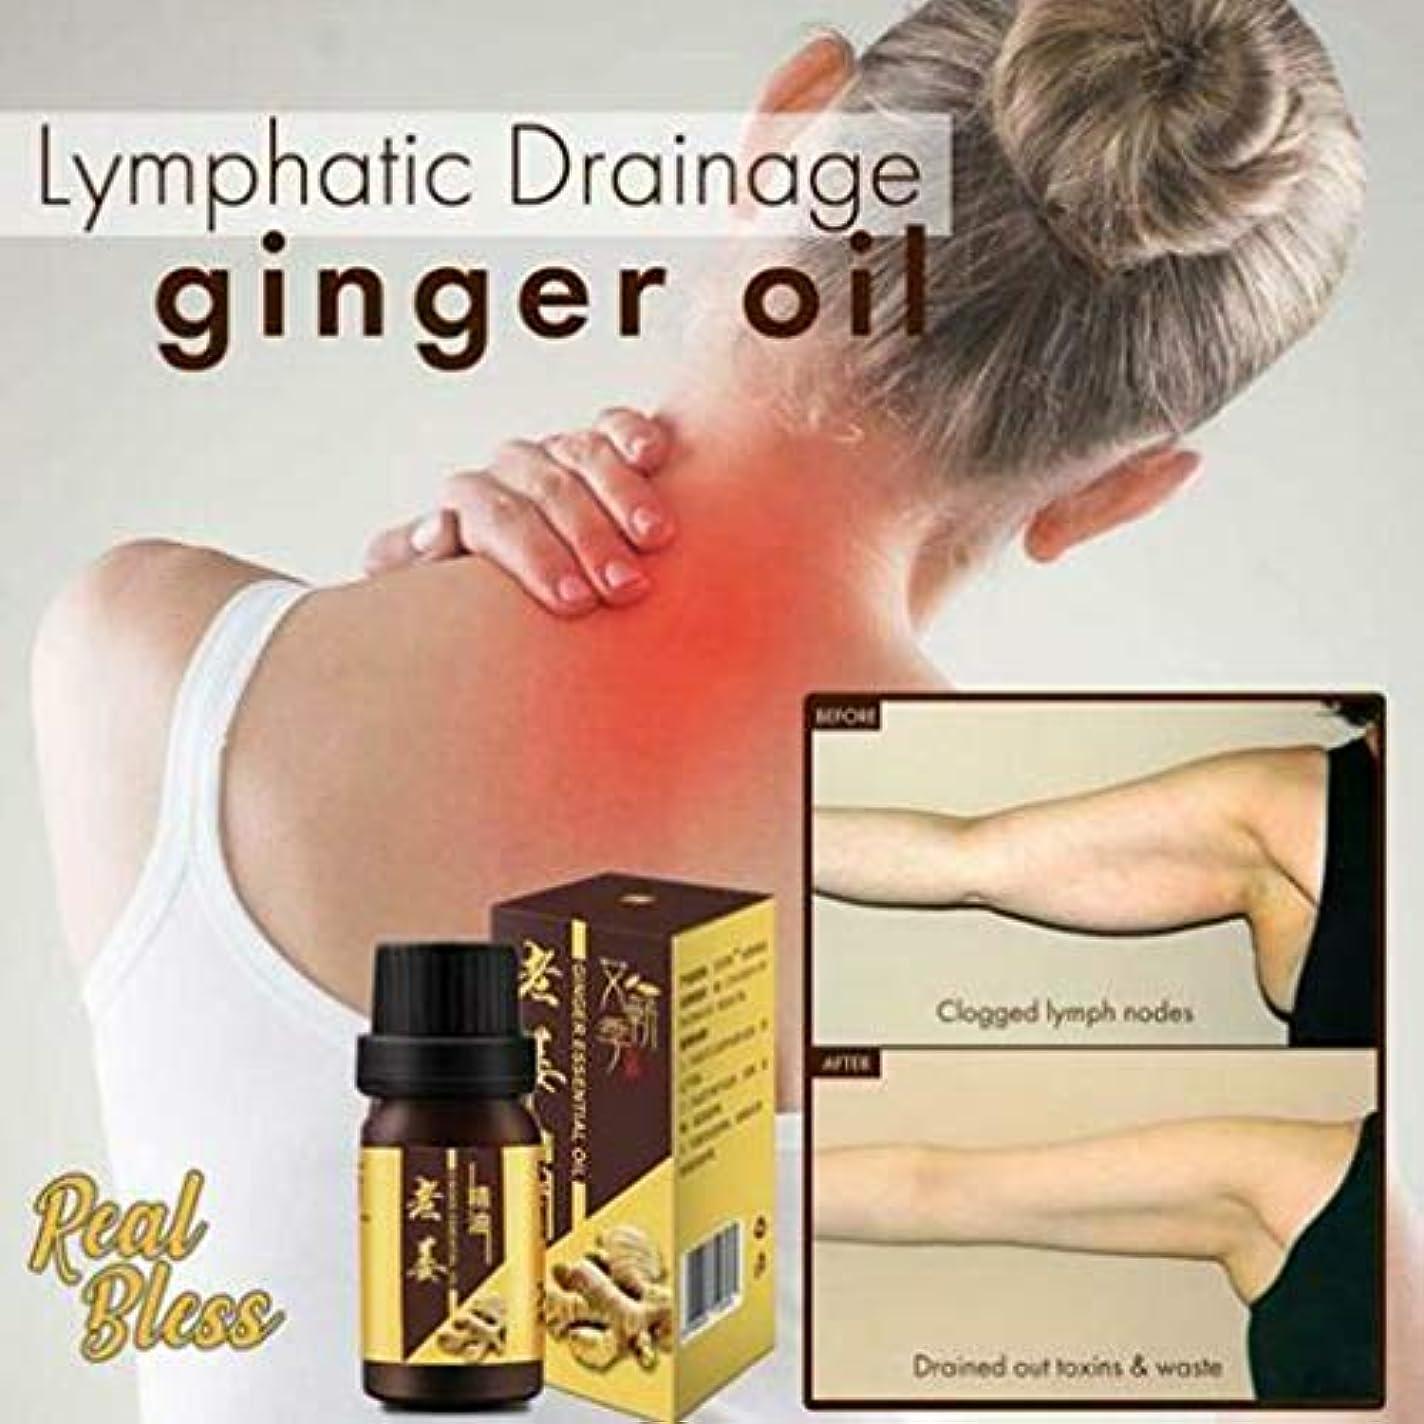 閉じ込める蜜誘惑ZooArts ジンジャーエッセンシャルオイル 精油 100%ピュアナチュラル ジンジャーオイル スパマッサージオイル ジンジャーオイルオーガニック Slimming Fat Miracle Ginger Oil 10ml